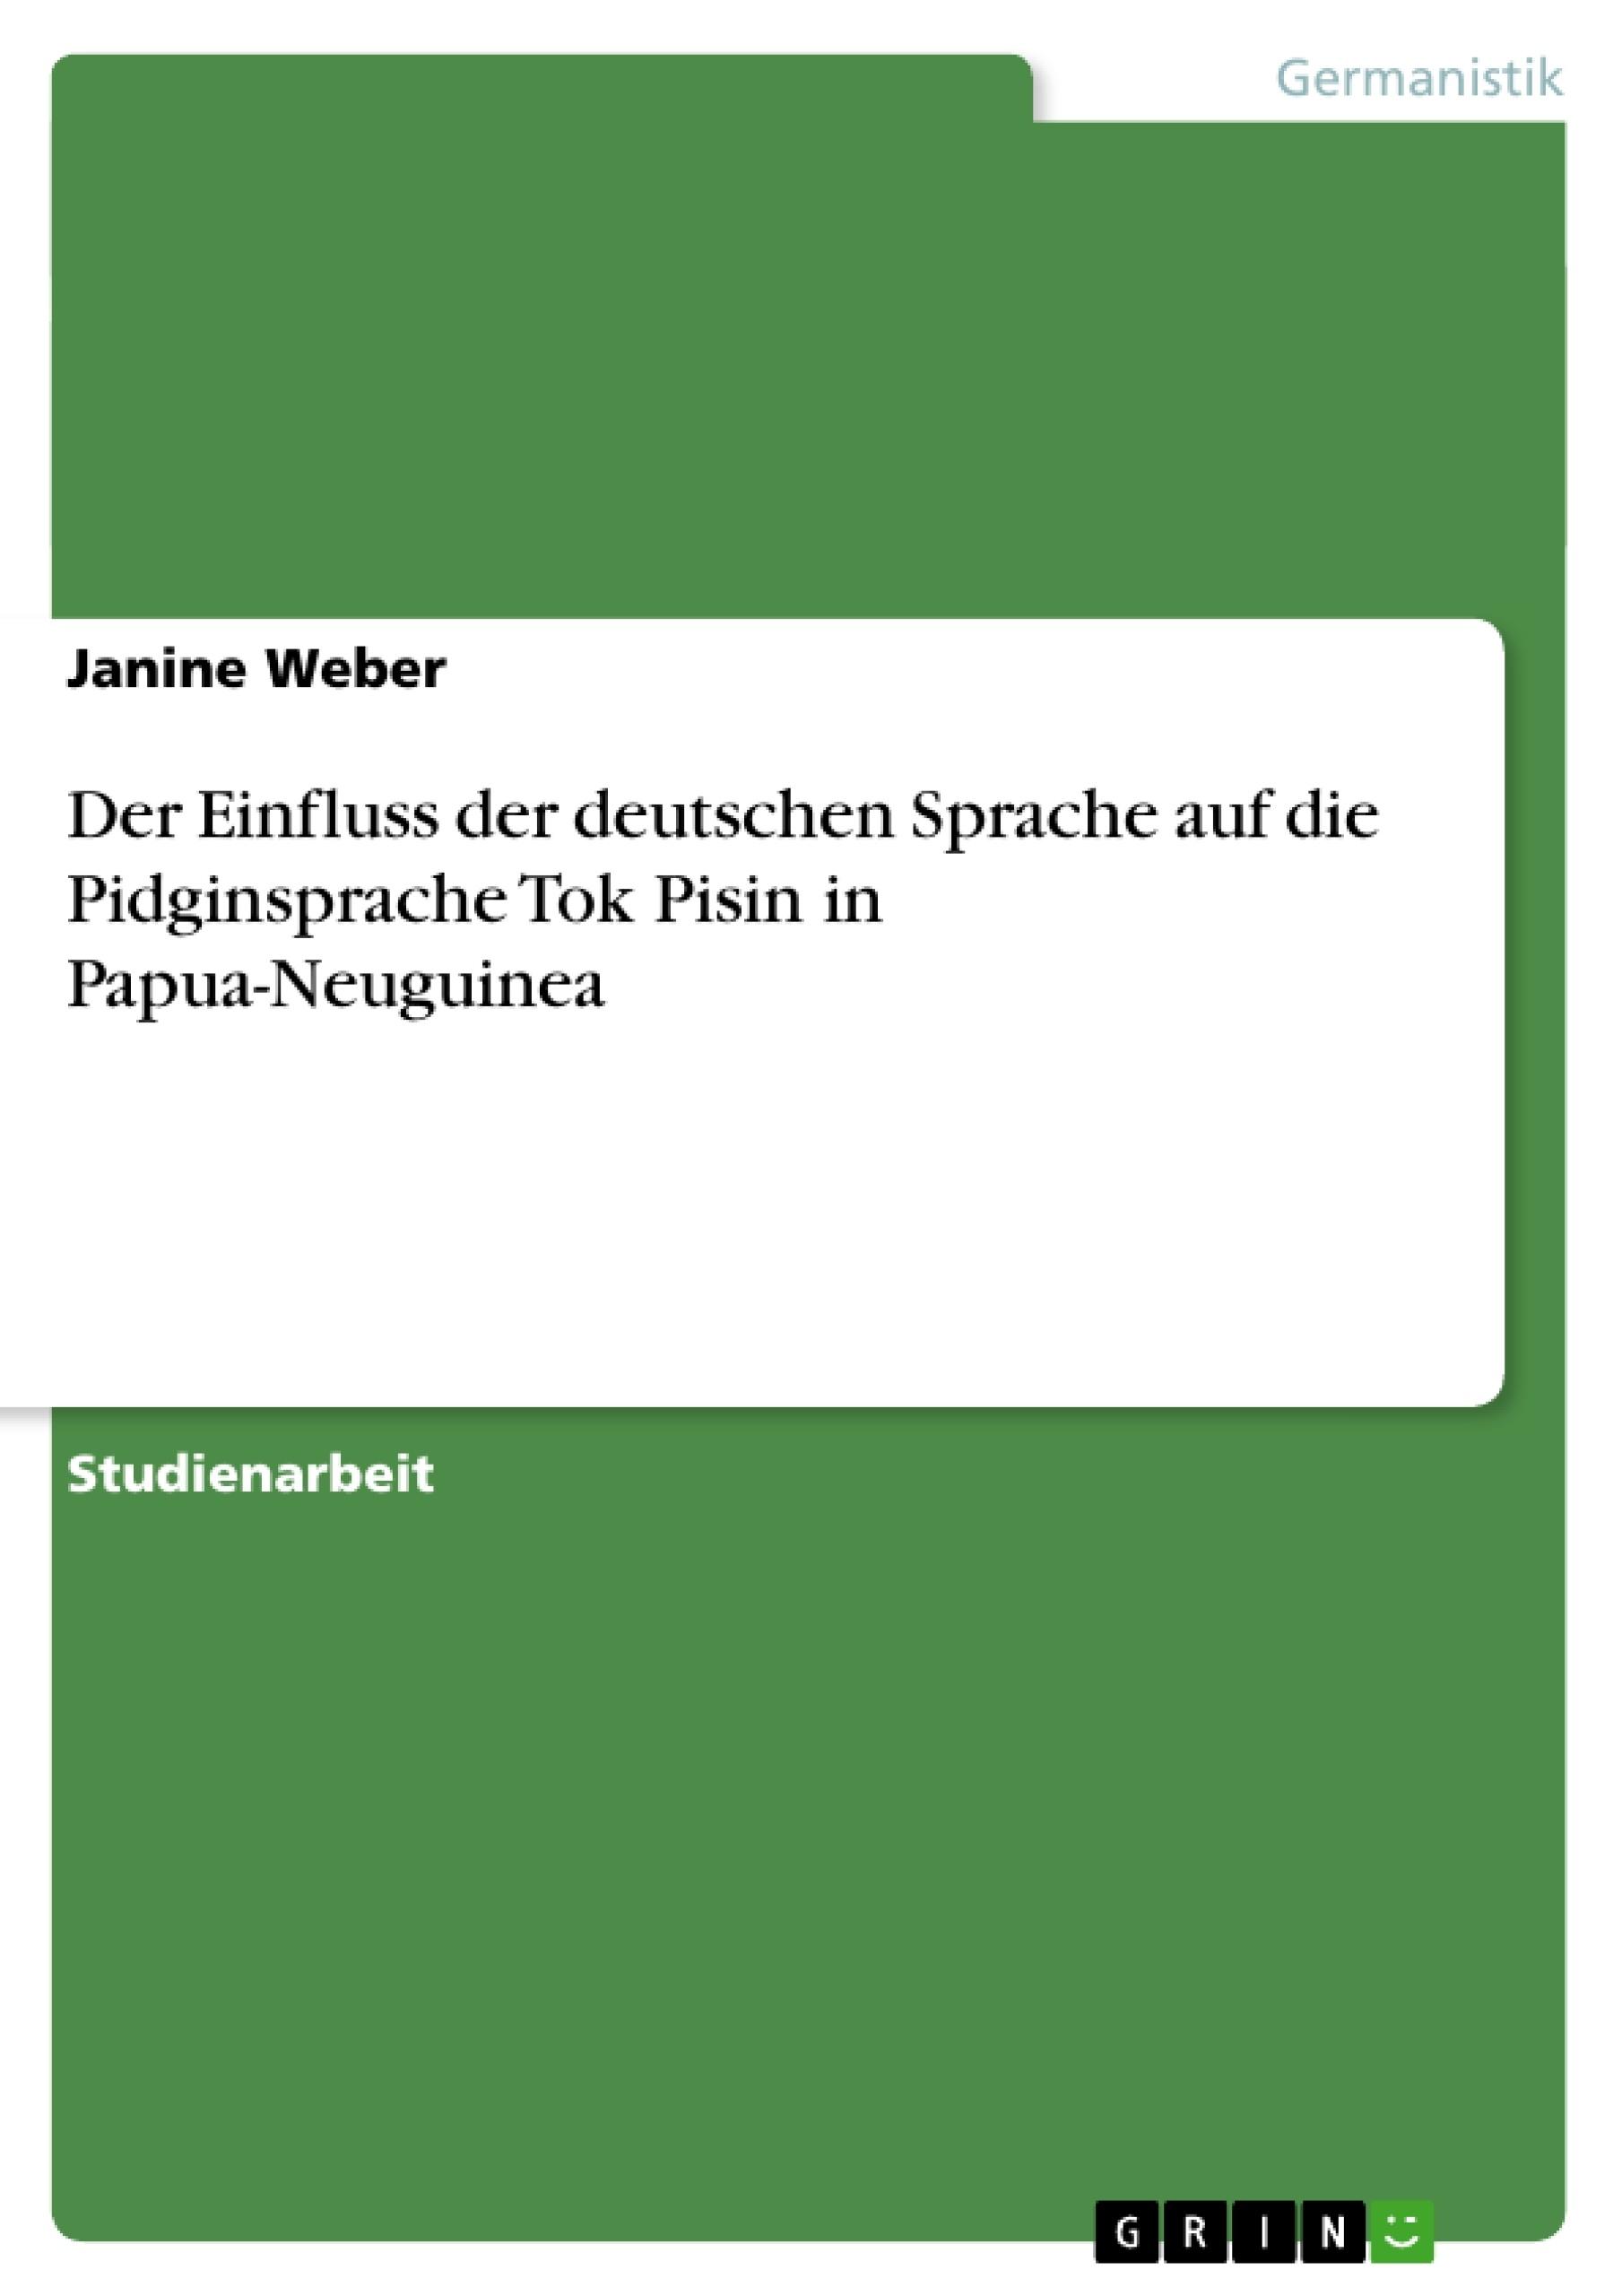 Titel: Der Einfluss der deutschen Sprache auf die Pidginsprache Tok Pisin in Papua-Neuguinea